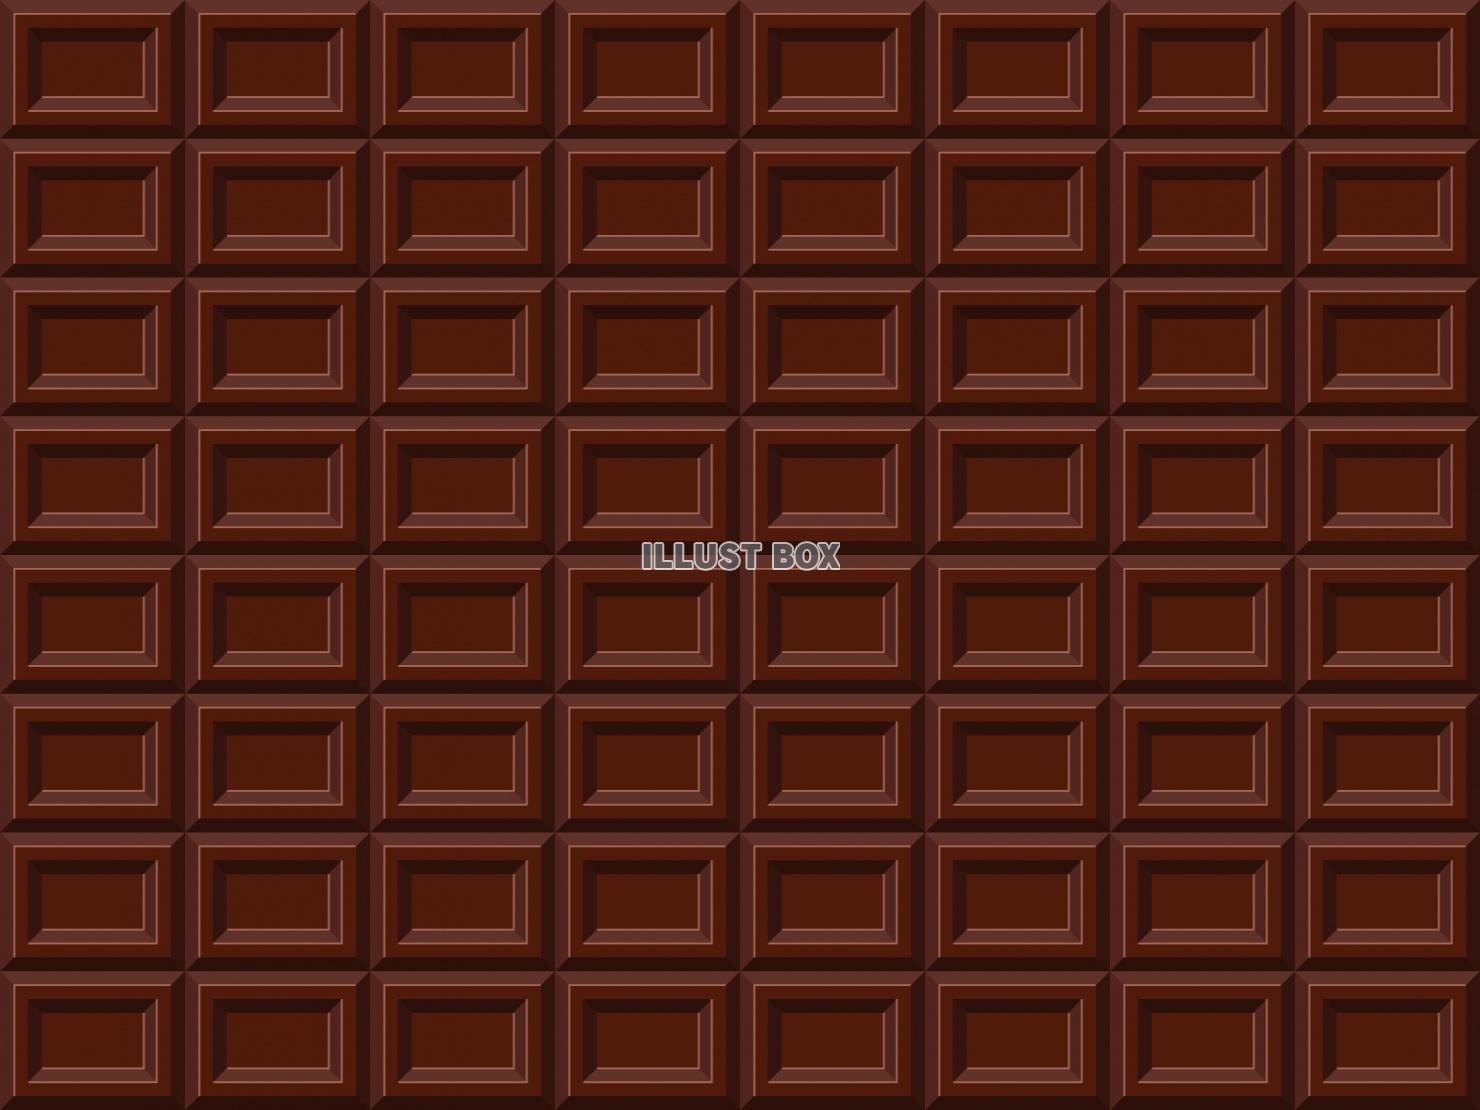 無料イラスト 板チョコの壁紙